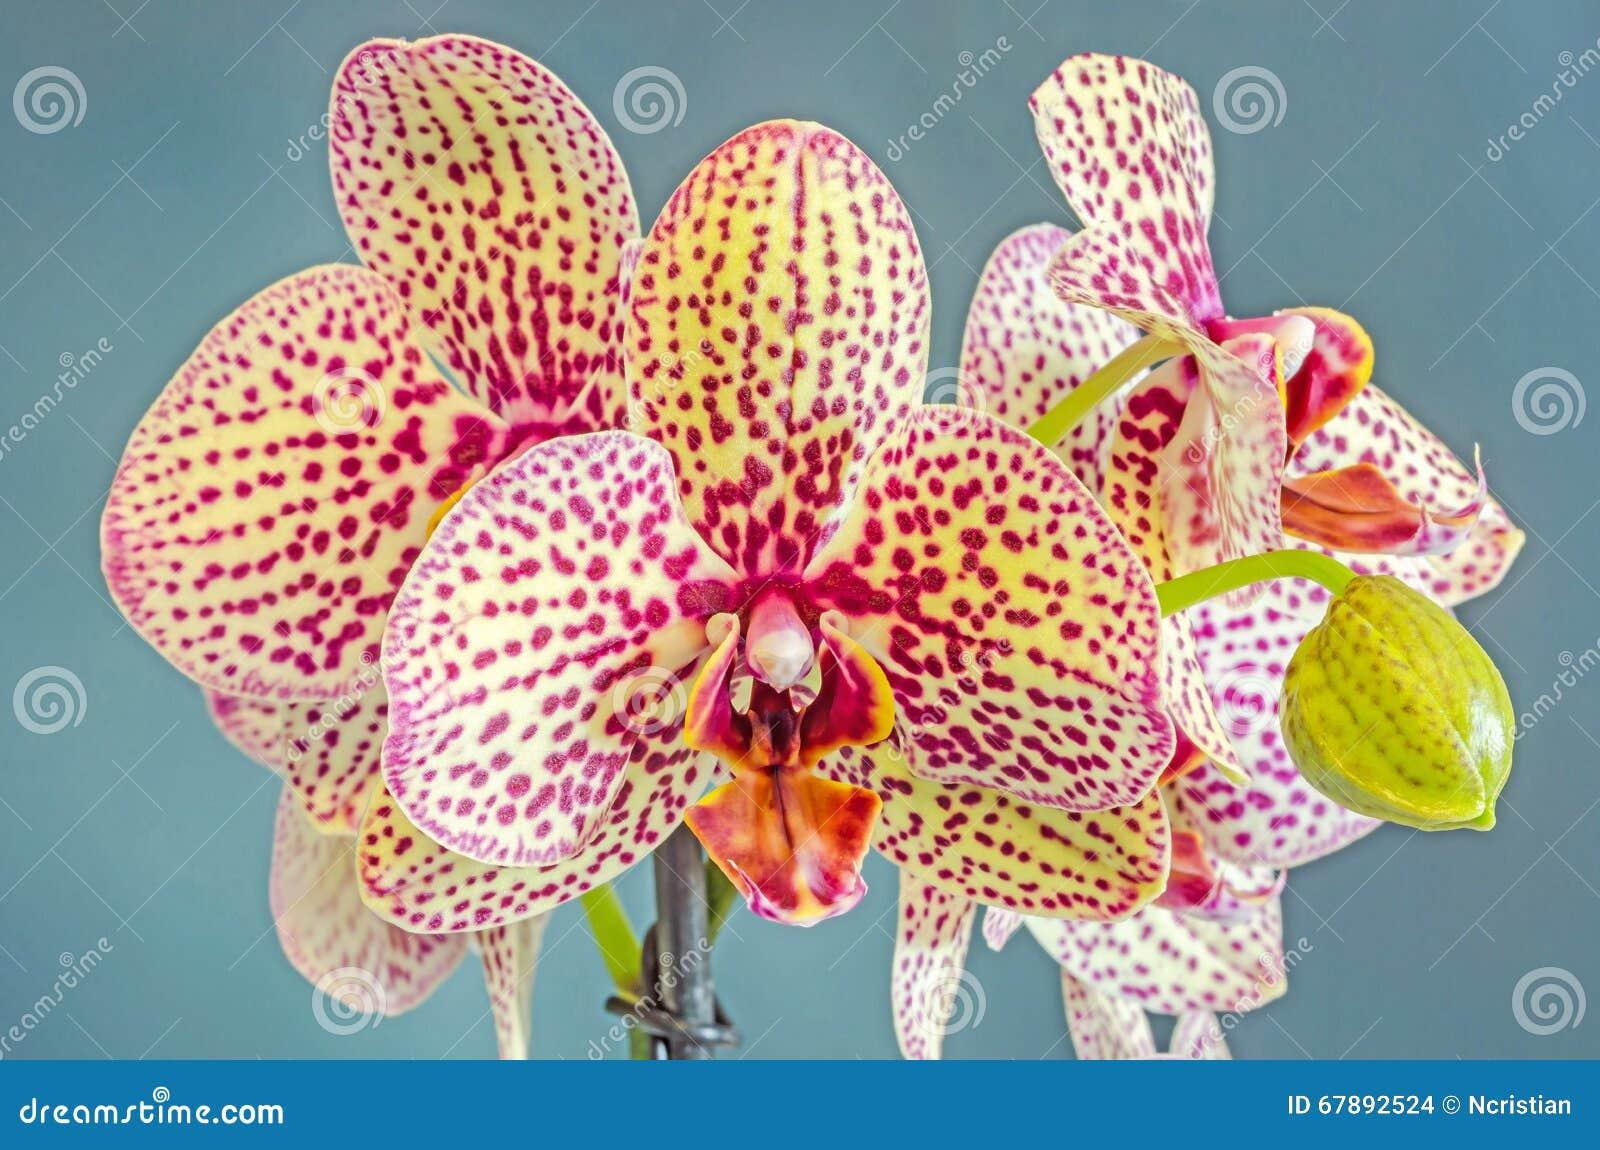 染黄与紫色斑点分支兰花花,兰科,叫作蝴蝶兰的兰花植物